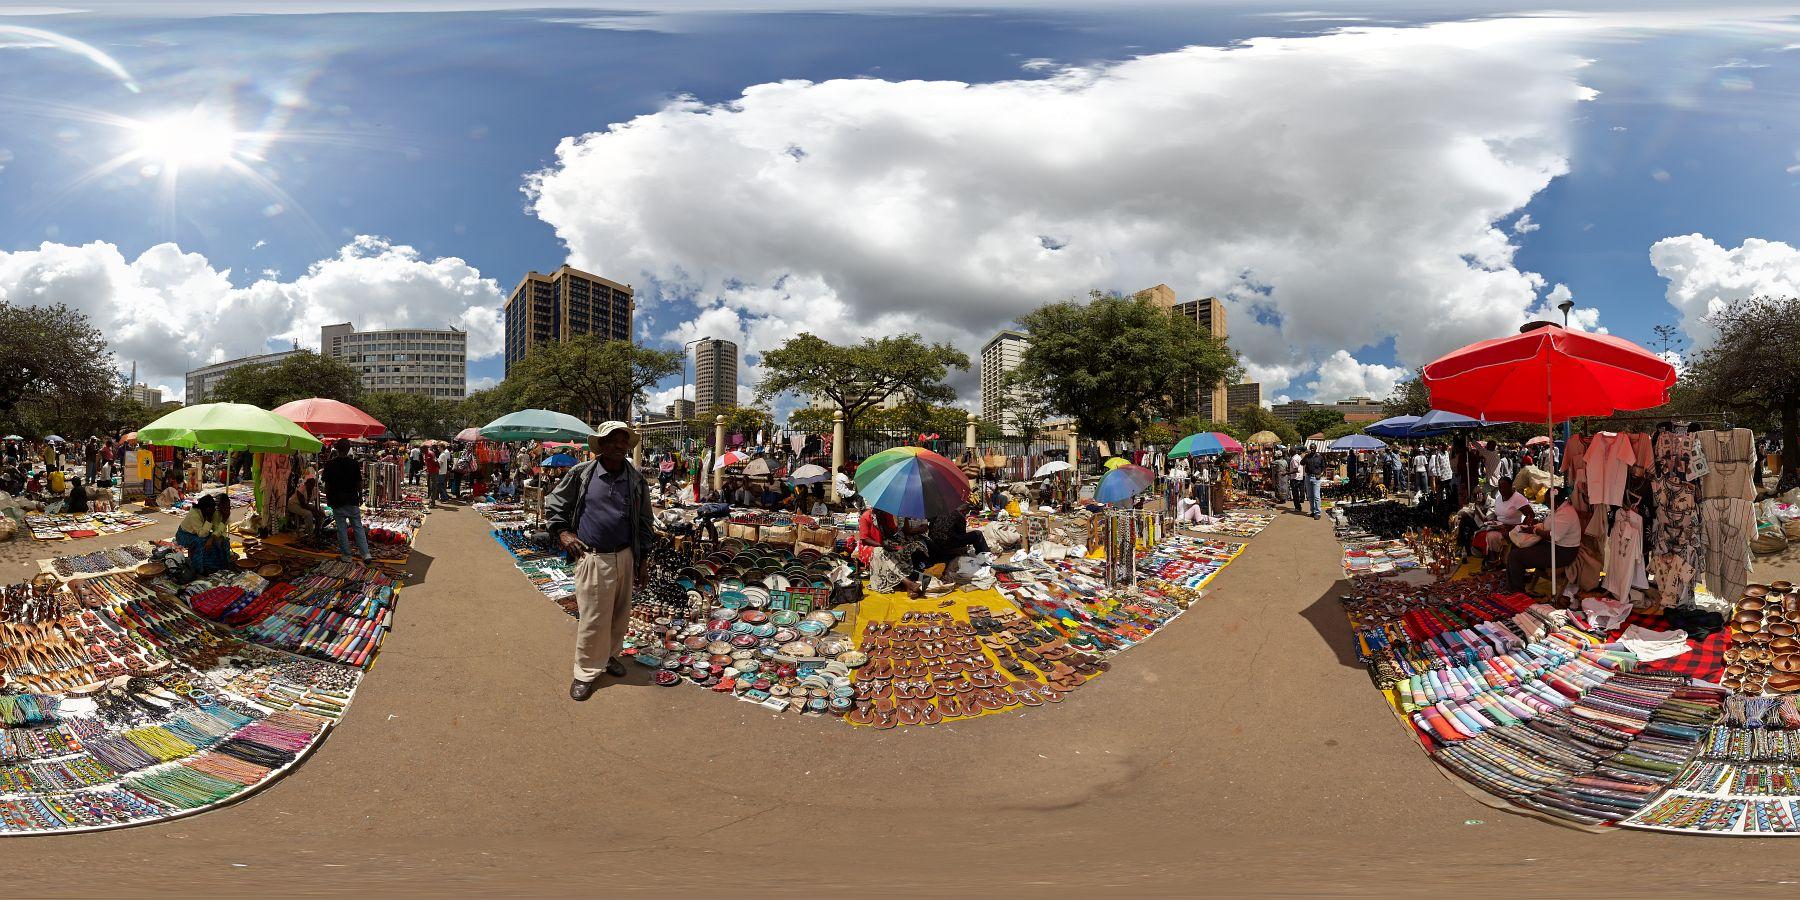 Panorama Kenia Nairobi Markt 1